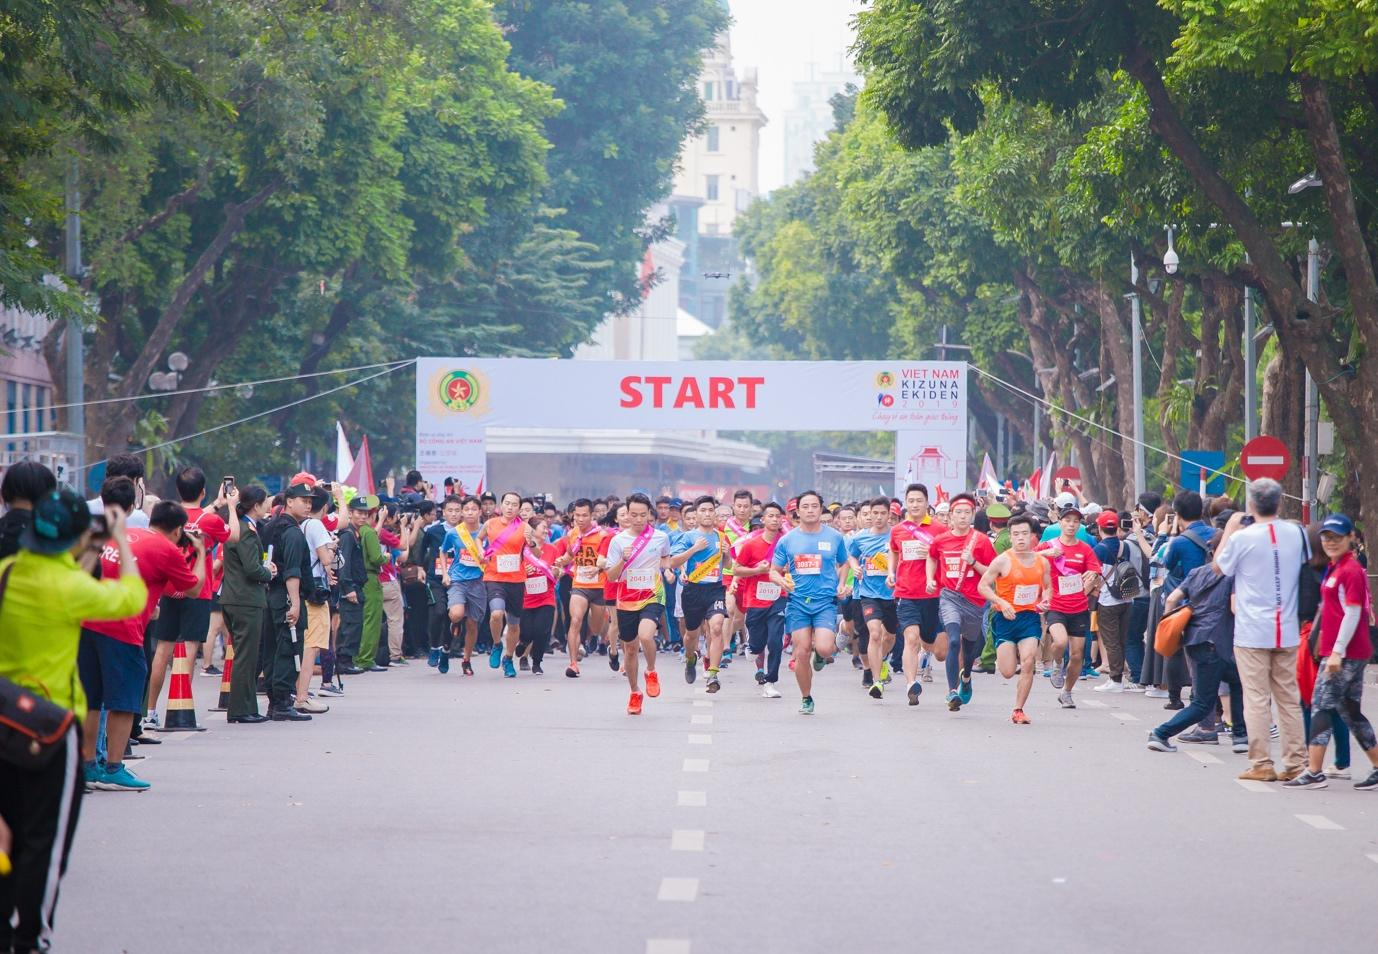 Việt Nam Kizuna Ekiden 2019 - giải chạy vì an toàn giao thông - drxLL2MhWKvi2m9d2Sg30Y9jN6Tx VJXYh9tM72Sgbrcx8lUxO8GV37OXVCxs7bn3fhTySd1n 1QBtMGyKO5xeHakarkxNHx4p1cca75AlEvDKKNLPrme64ESsG x fW1ONDYy26 3vtaoI CA